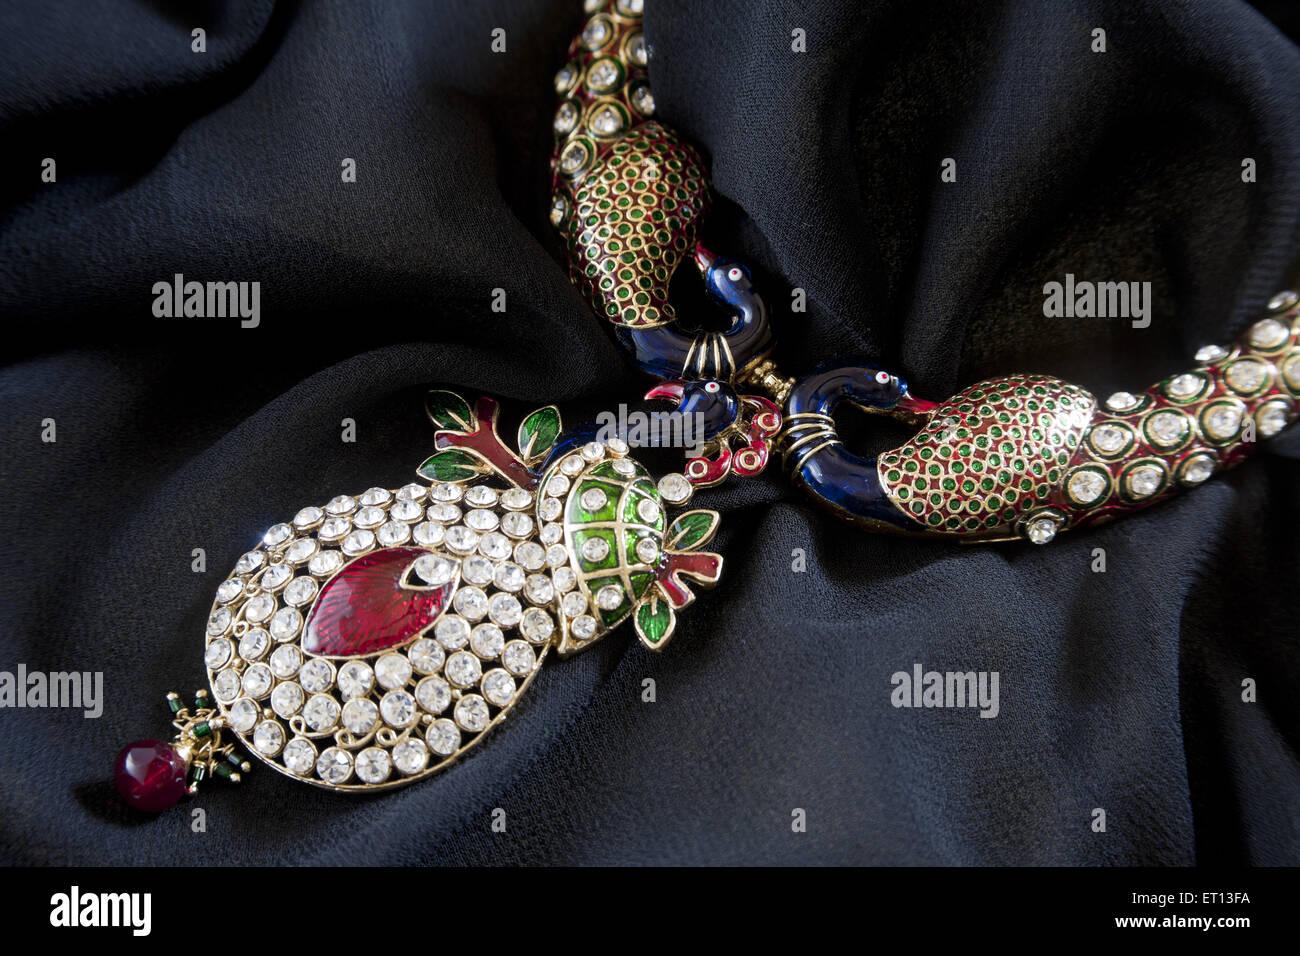 Diamond necklace - Stock Image